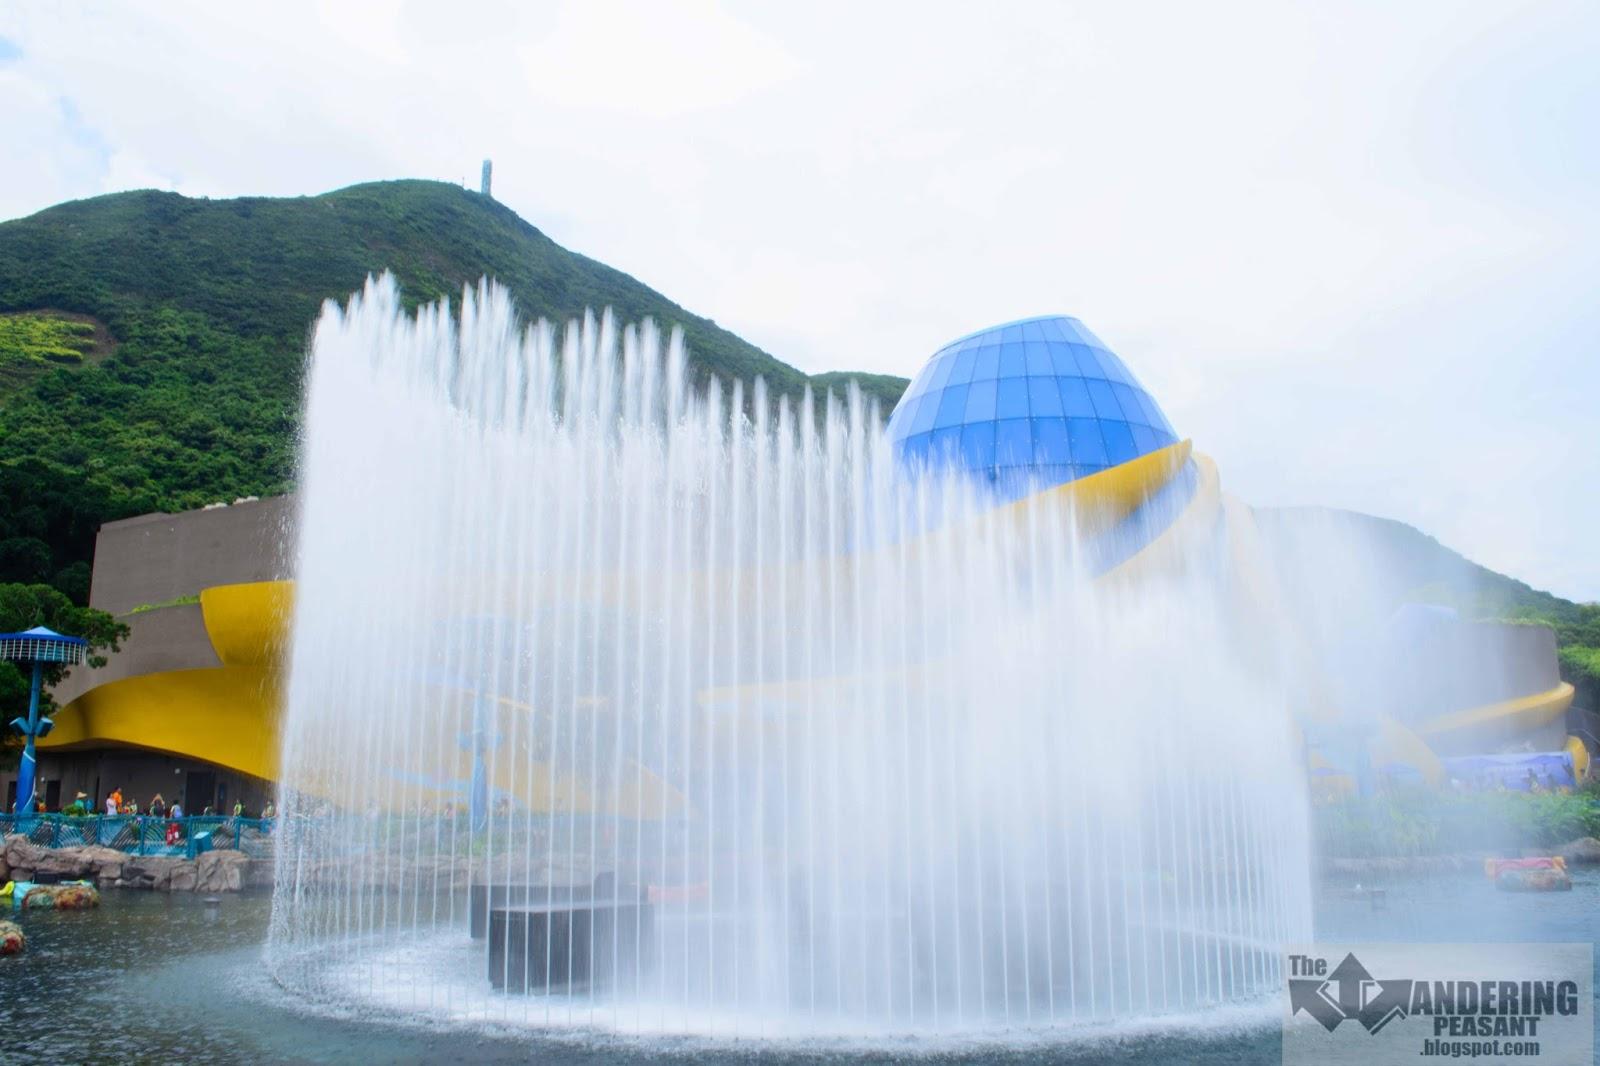 Ocean Park Hong Kong: Rainforest, Polar Adventure, Panda Village and ...